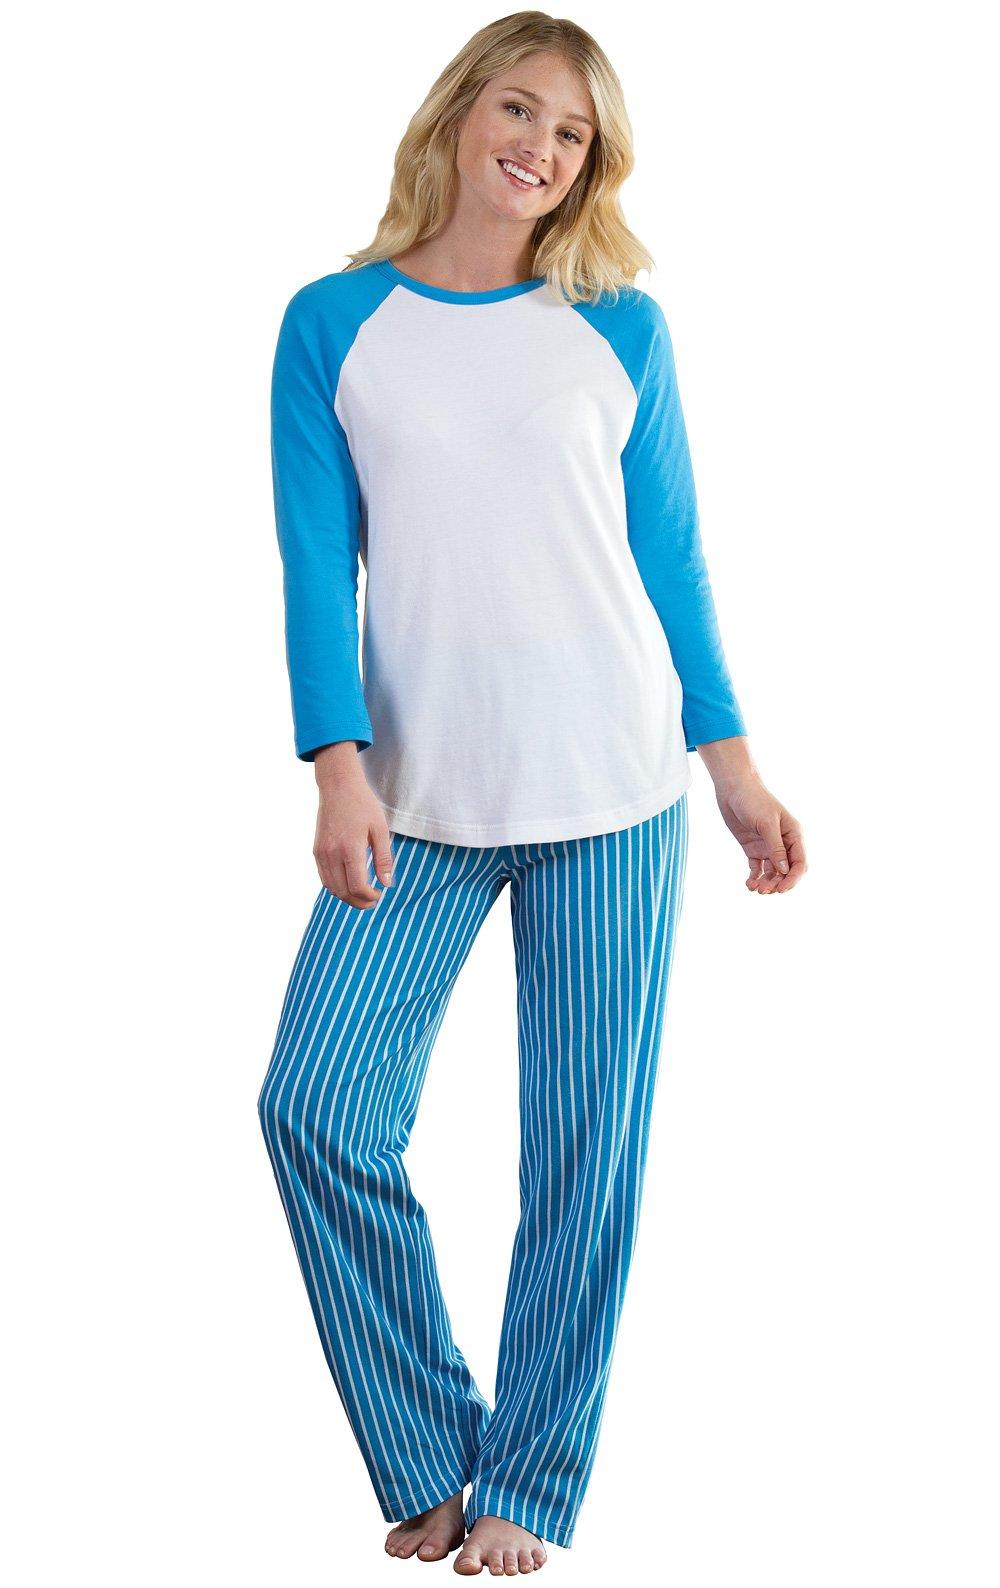 PajamaGram Women's Blue Cotton Pajamas with Raglan Style Top, Blue, XSM (2-4)